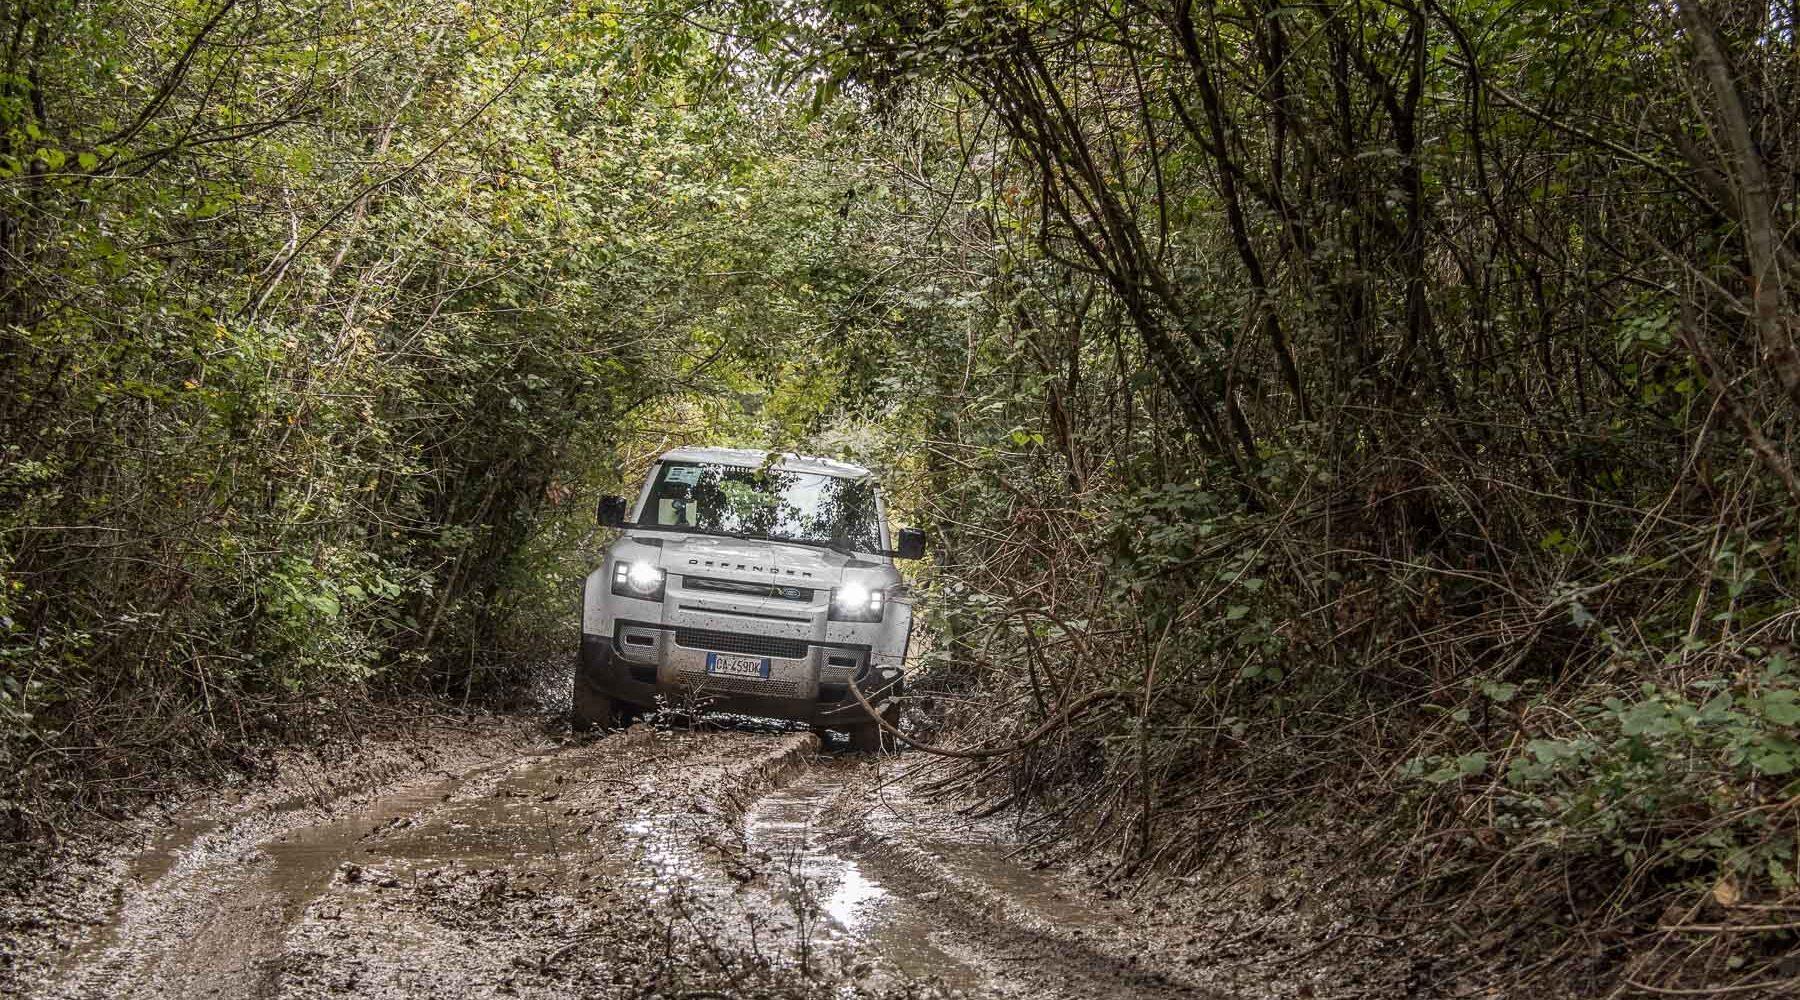 Land-Rover-Experience-Italia-Registro-Italiano-Land-Rover-Tirreno-Adriatica-2020-59